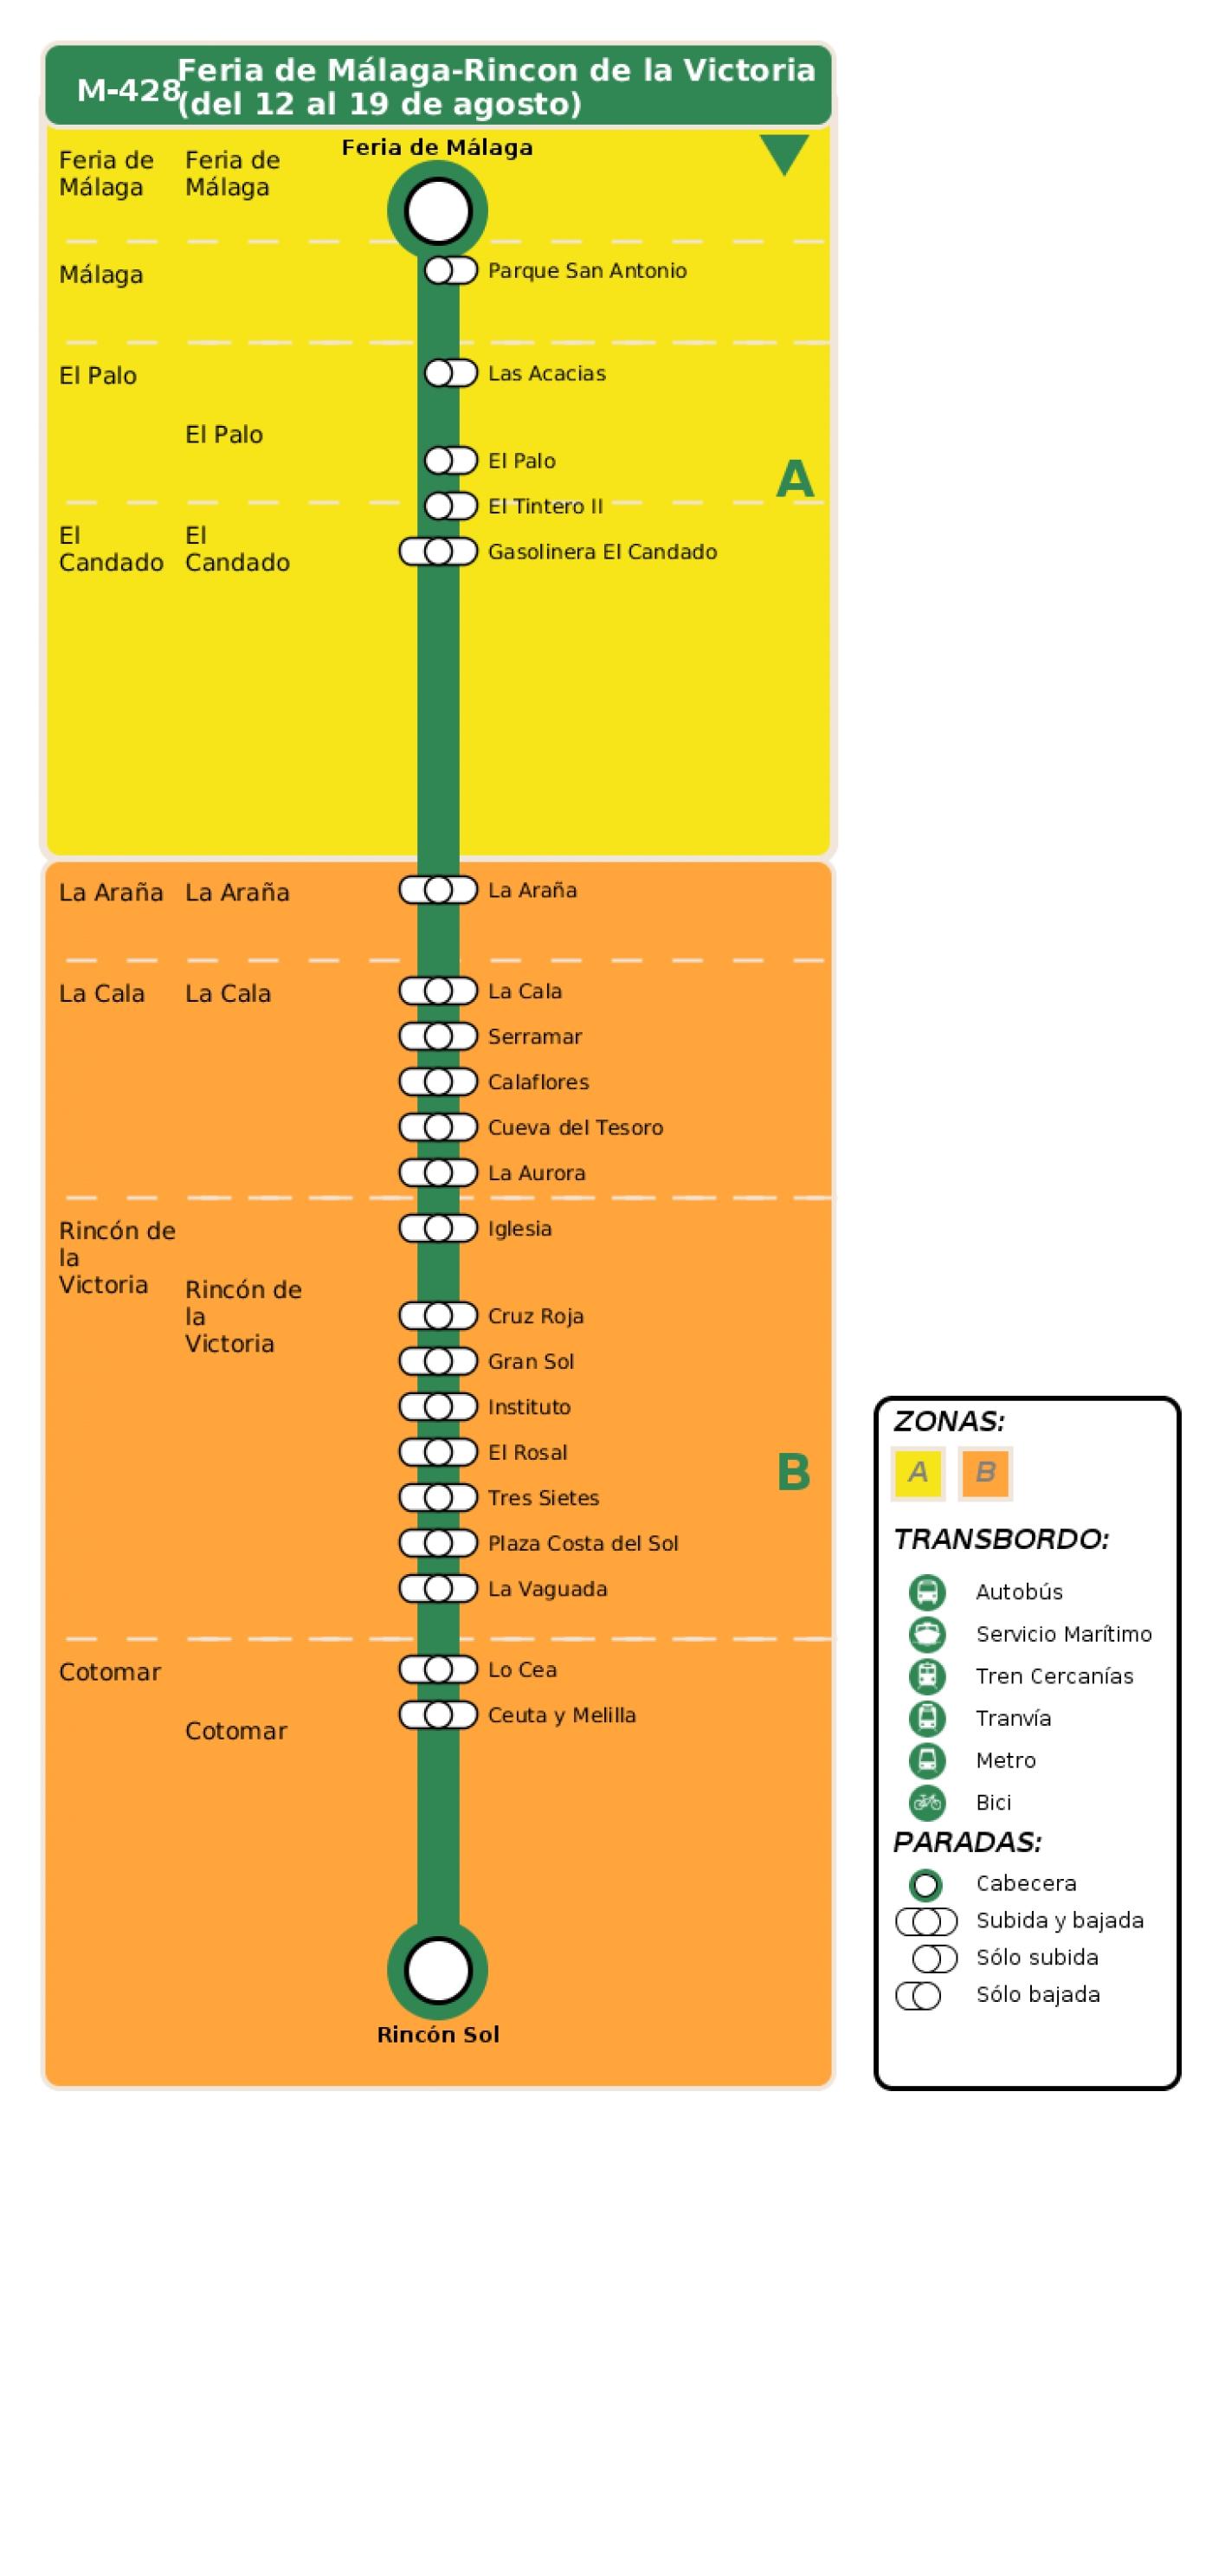 Recorrido esquemático, paradas y correspondencias en sentido ida Línea M-428: Feria de Málaga - Rincon de la Victoria